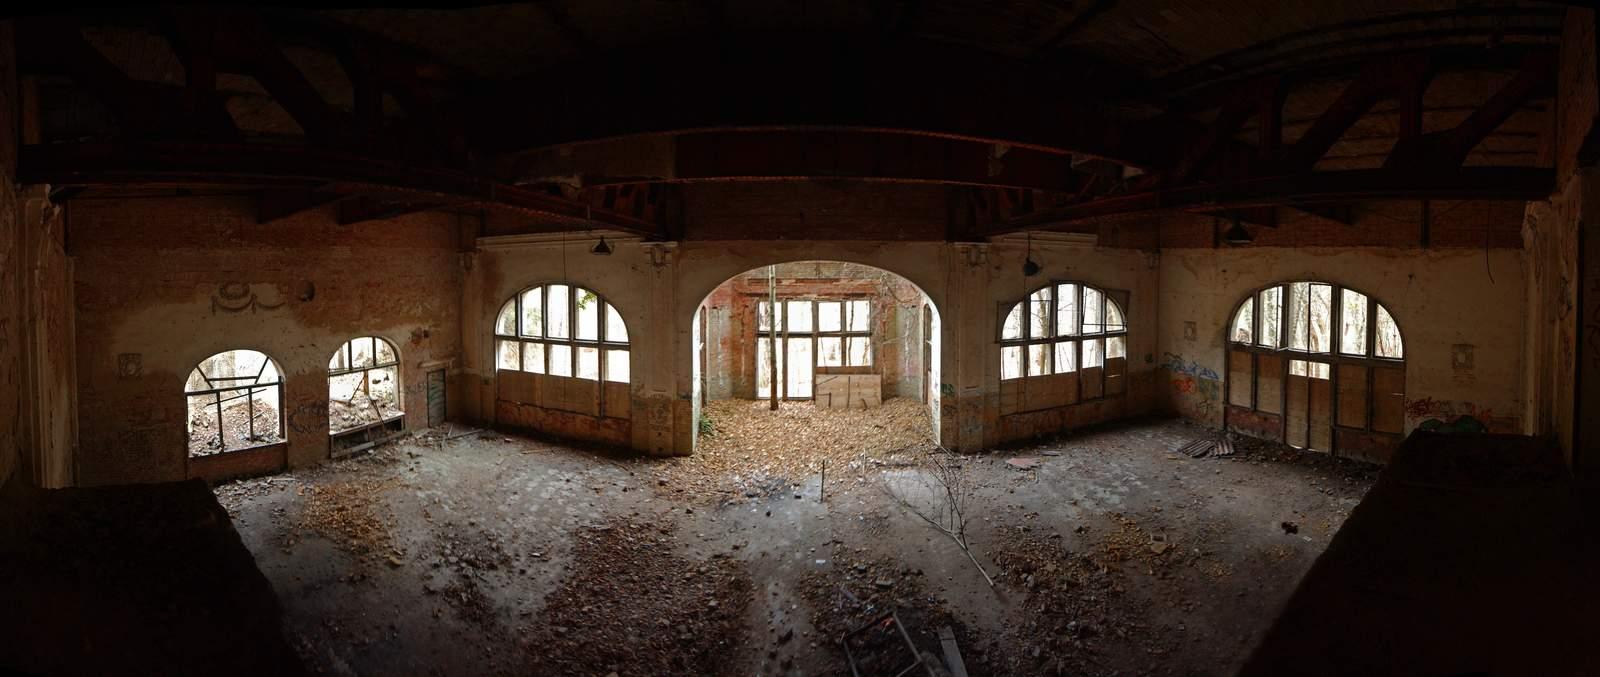 beelitz heilstatten18 Abandoned Beelitz Heilstatten Hospital